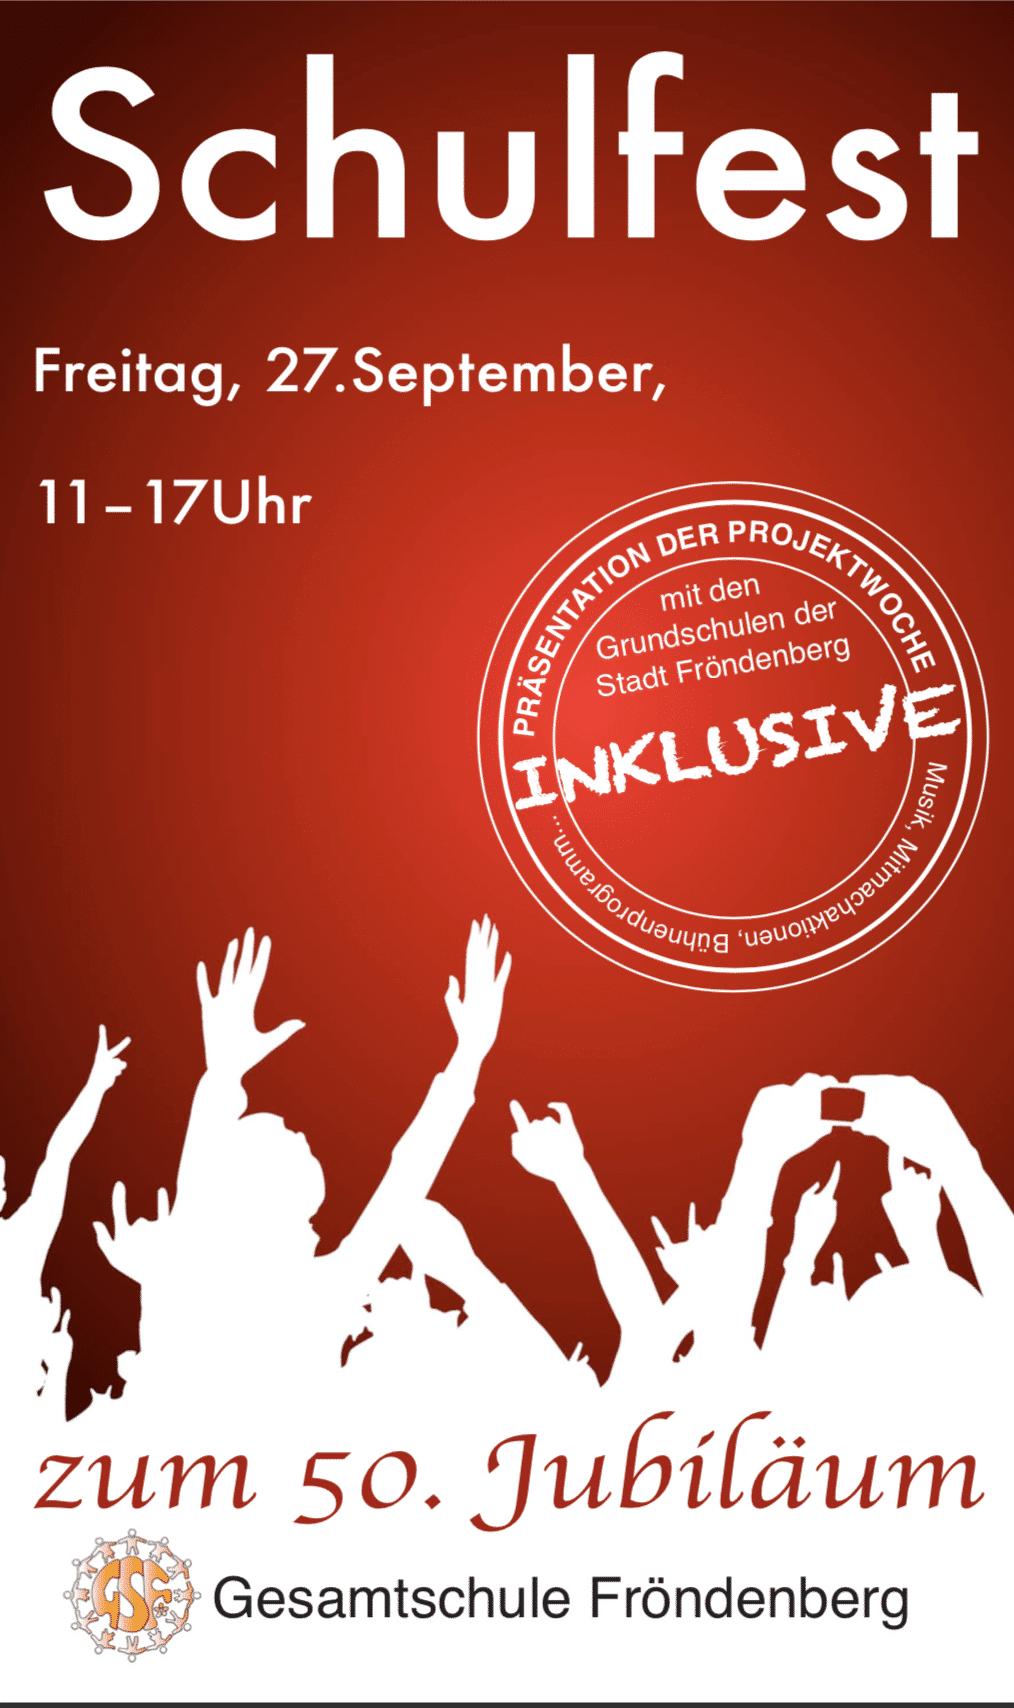 Schulfest am 27.09.2019 von 11.00 – 17.00 Uhr